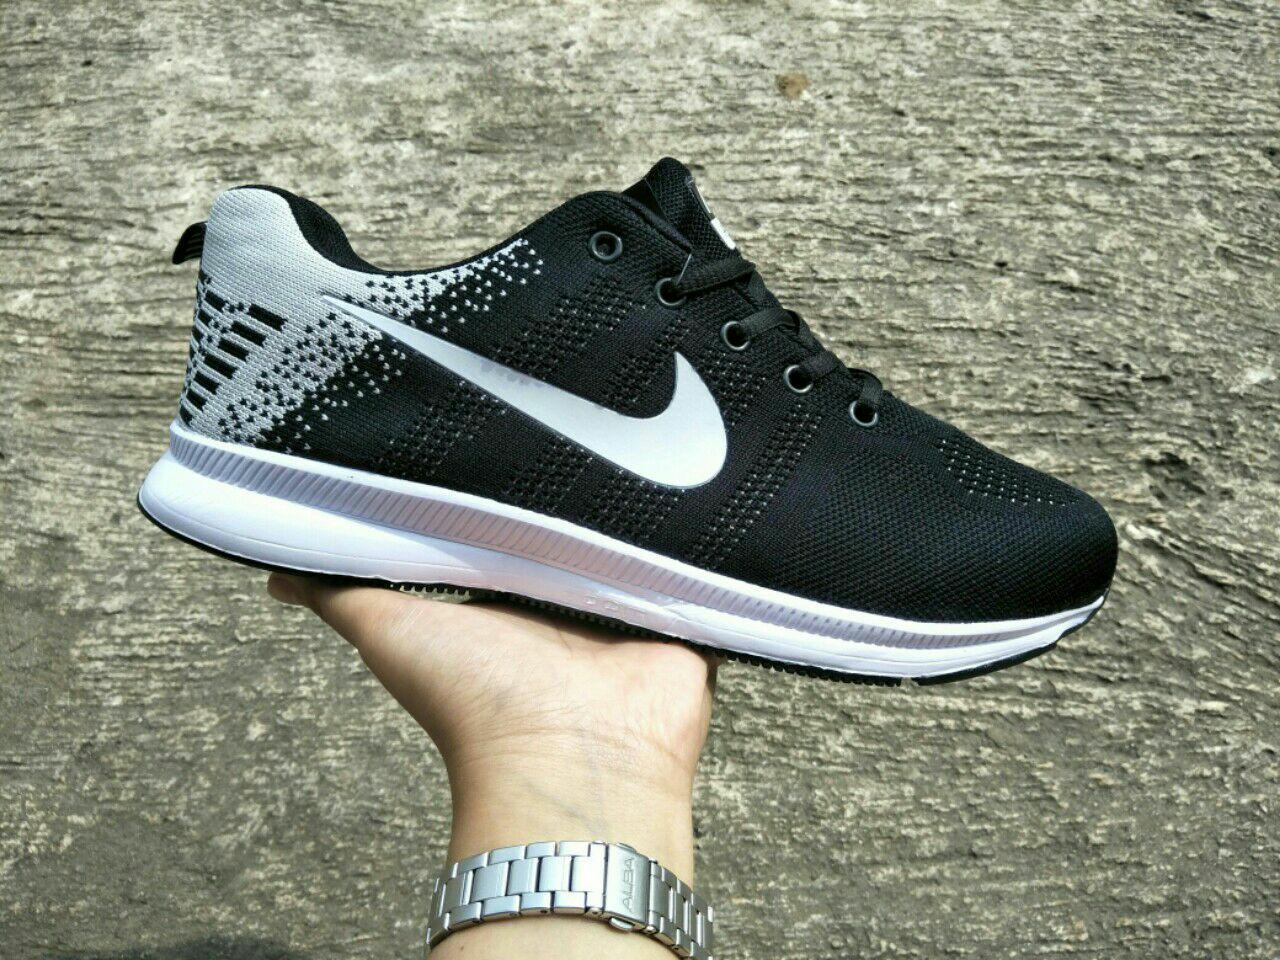 Kehebatan Sepatu Nike Presto Low Sepatu Snaker Sport Murah Sepatu ff4dba1d35